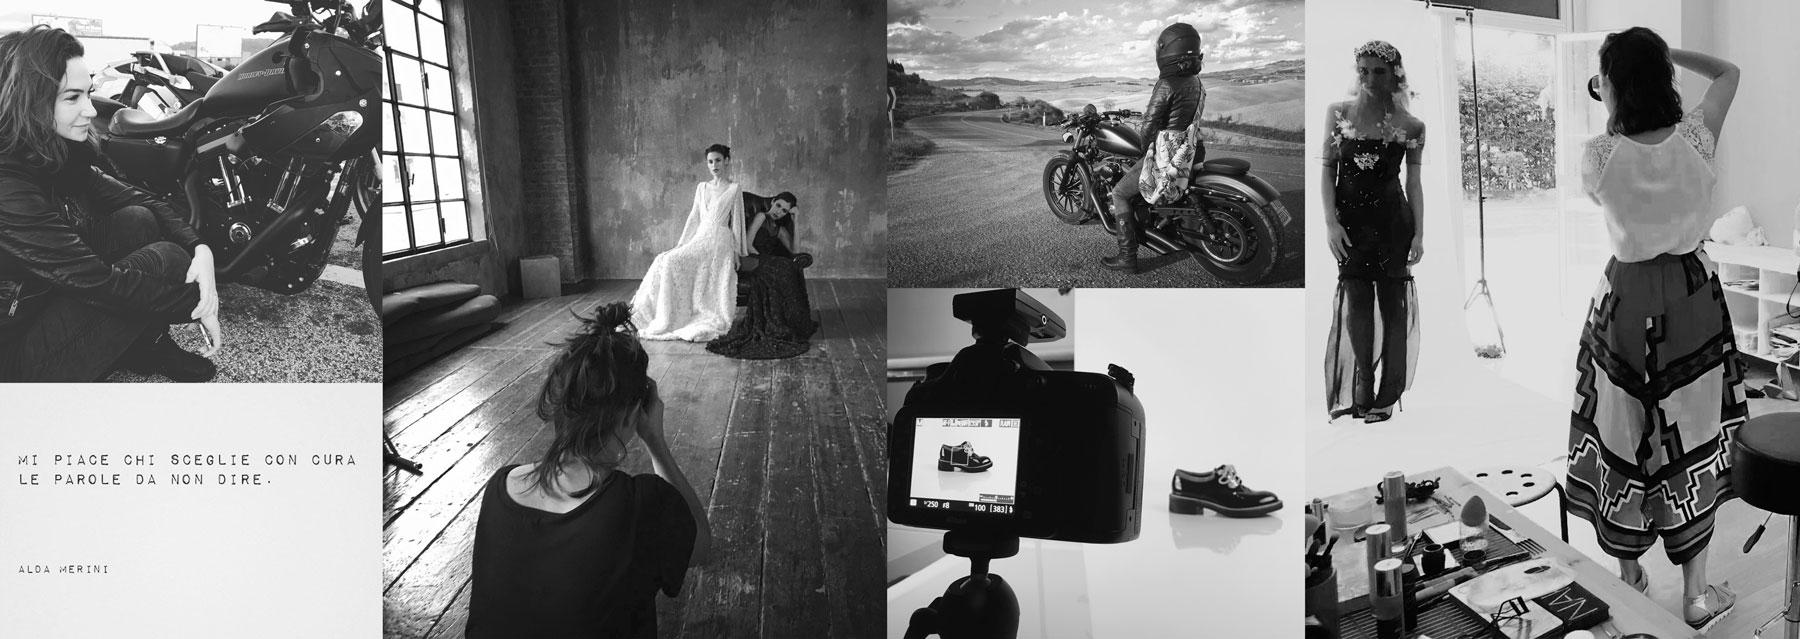 fotografo-moda-firenze-roma-milano